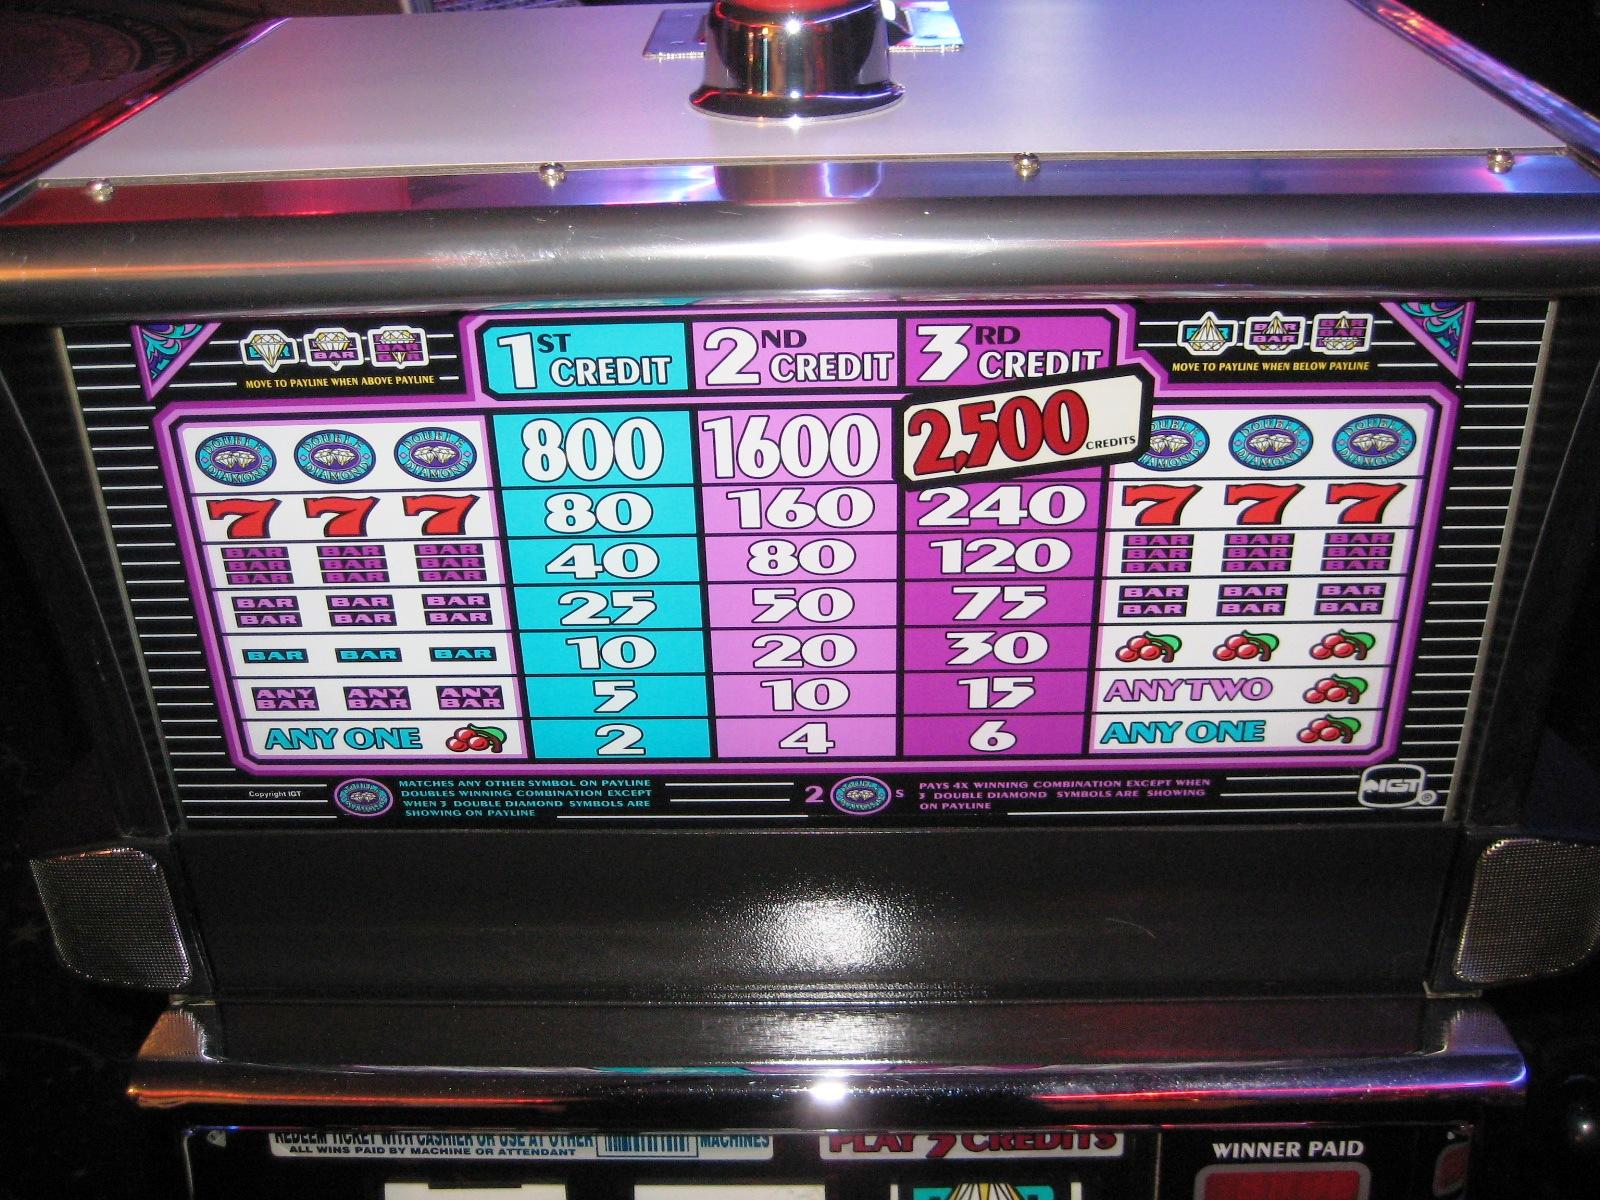 double diamond slot machines online